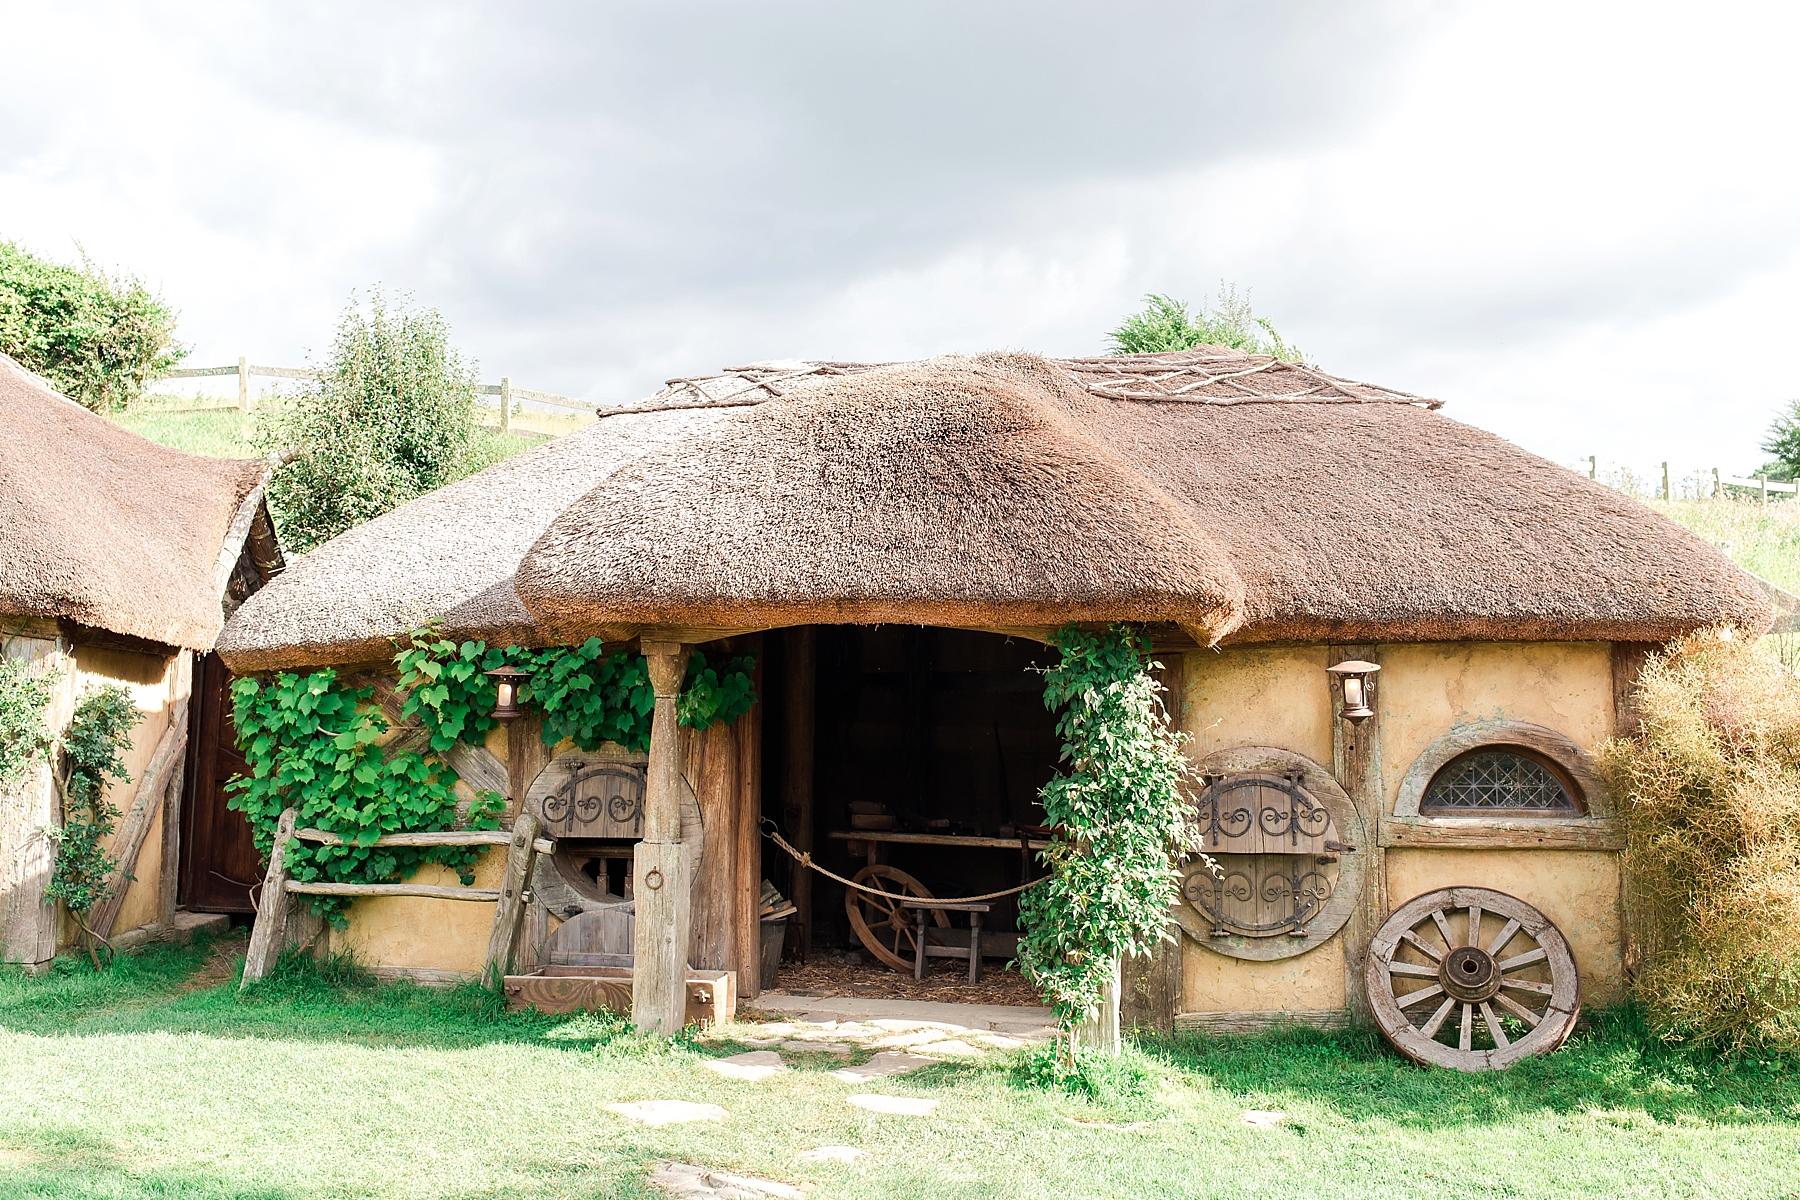 hobbiton-movie-set-matamata-hamilton-north-island-new-zealand-scenery_0265.jpg